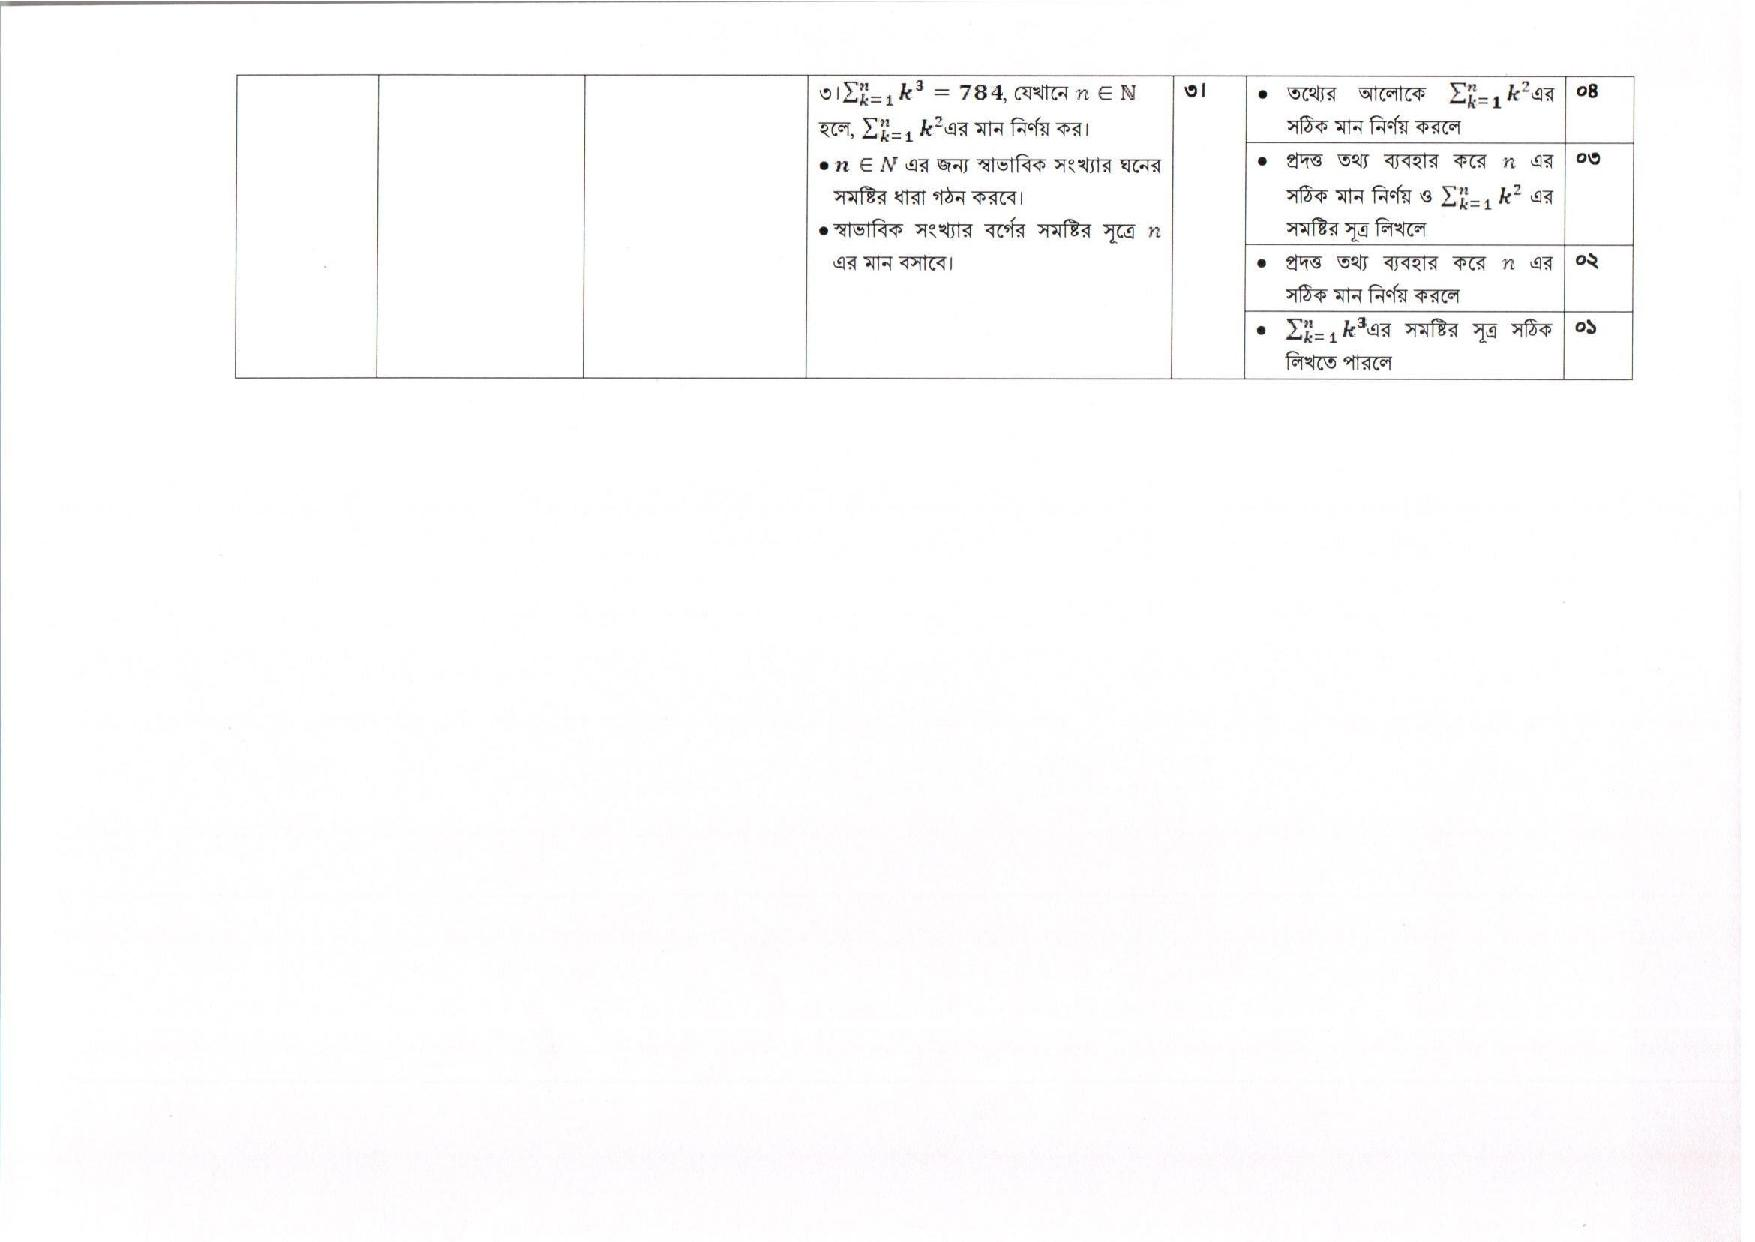 ২০২২ সালের এস.এস.সি পরীক্ষার্থীদের জন্য ৩য় সপ্তাহের এ্যাসাইনমেন্ট প্রকাশ ২০২১ https://www.banglanewsexpress.com/